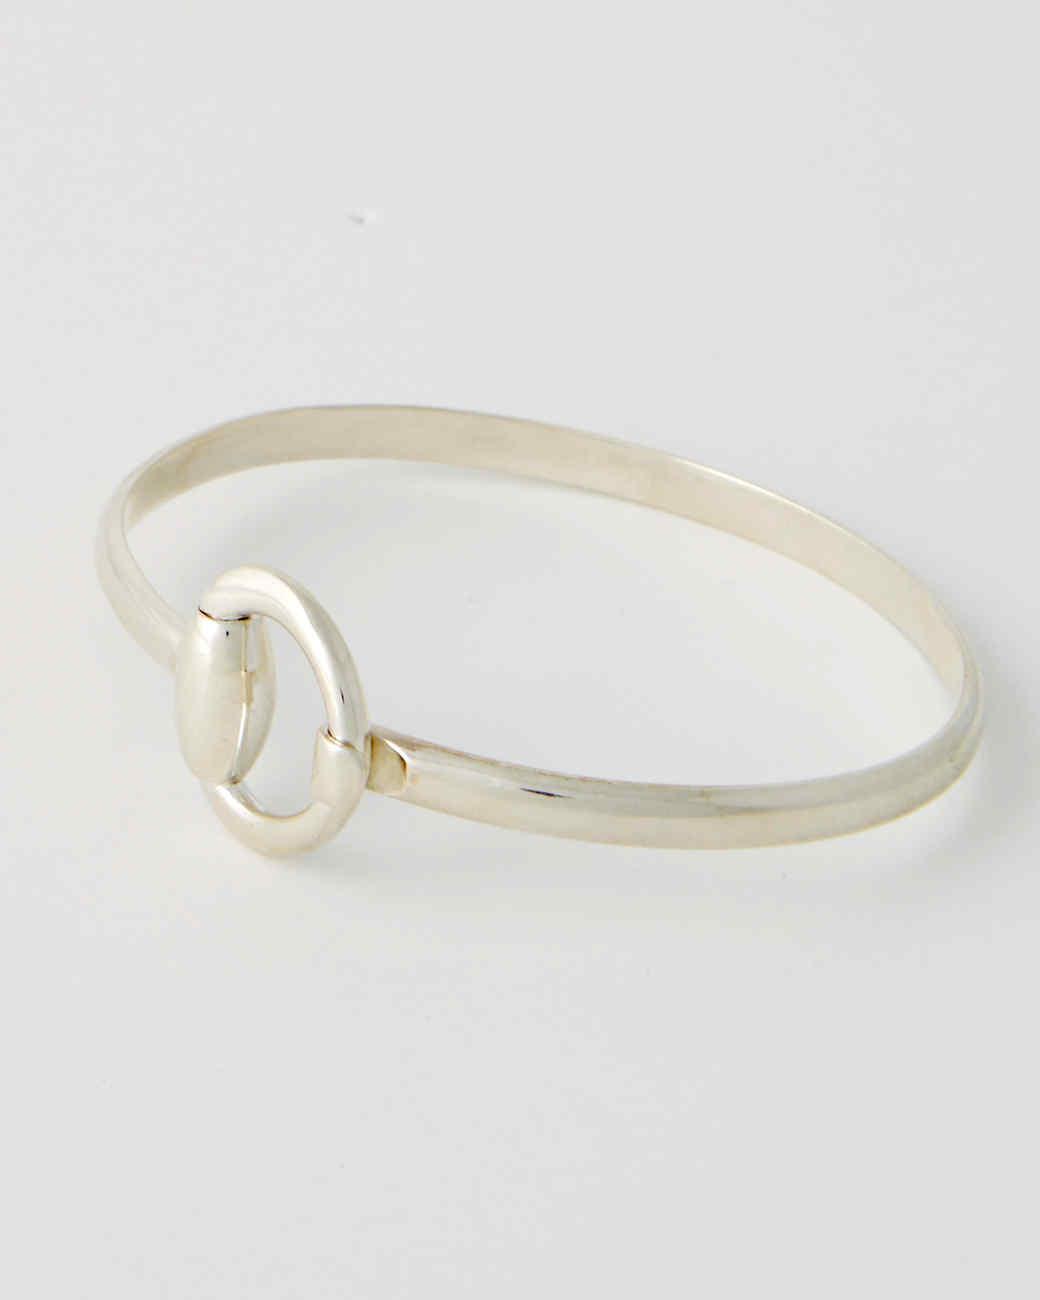 silver-bracelet-202-d112494.jpg